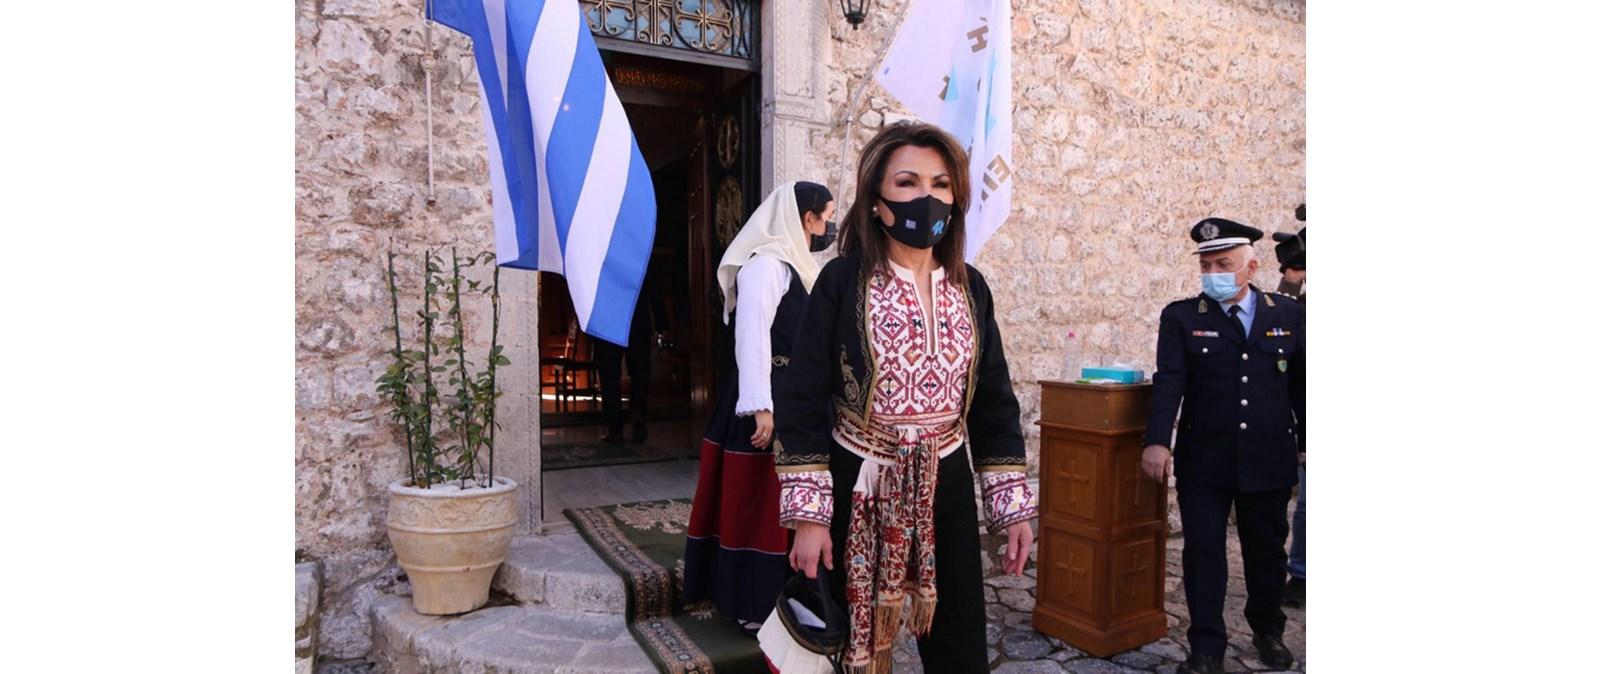 Γιάννα Αγγελοπούλου   Η εμφάνιση με παραδοσιακή φορεσιά